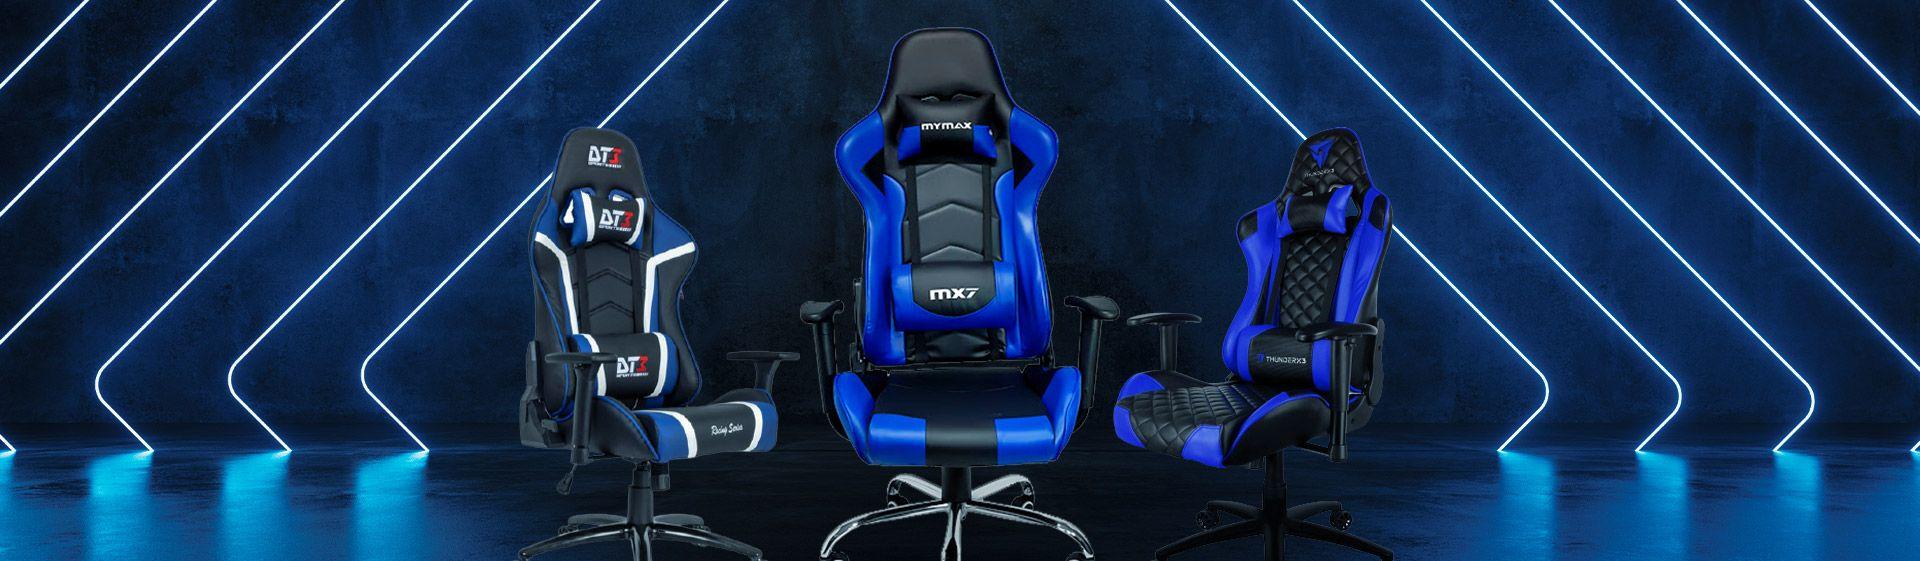 Montagem de três cadeiras gamer azul e pretas com um fundo estilizado azulado